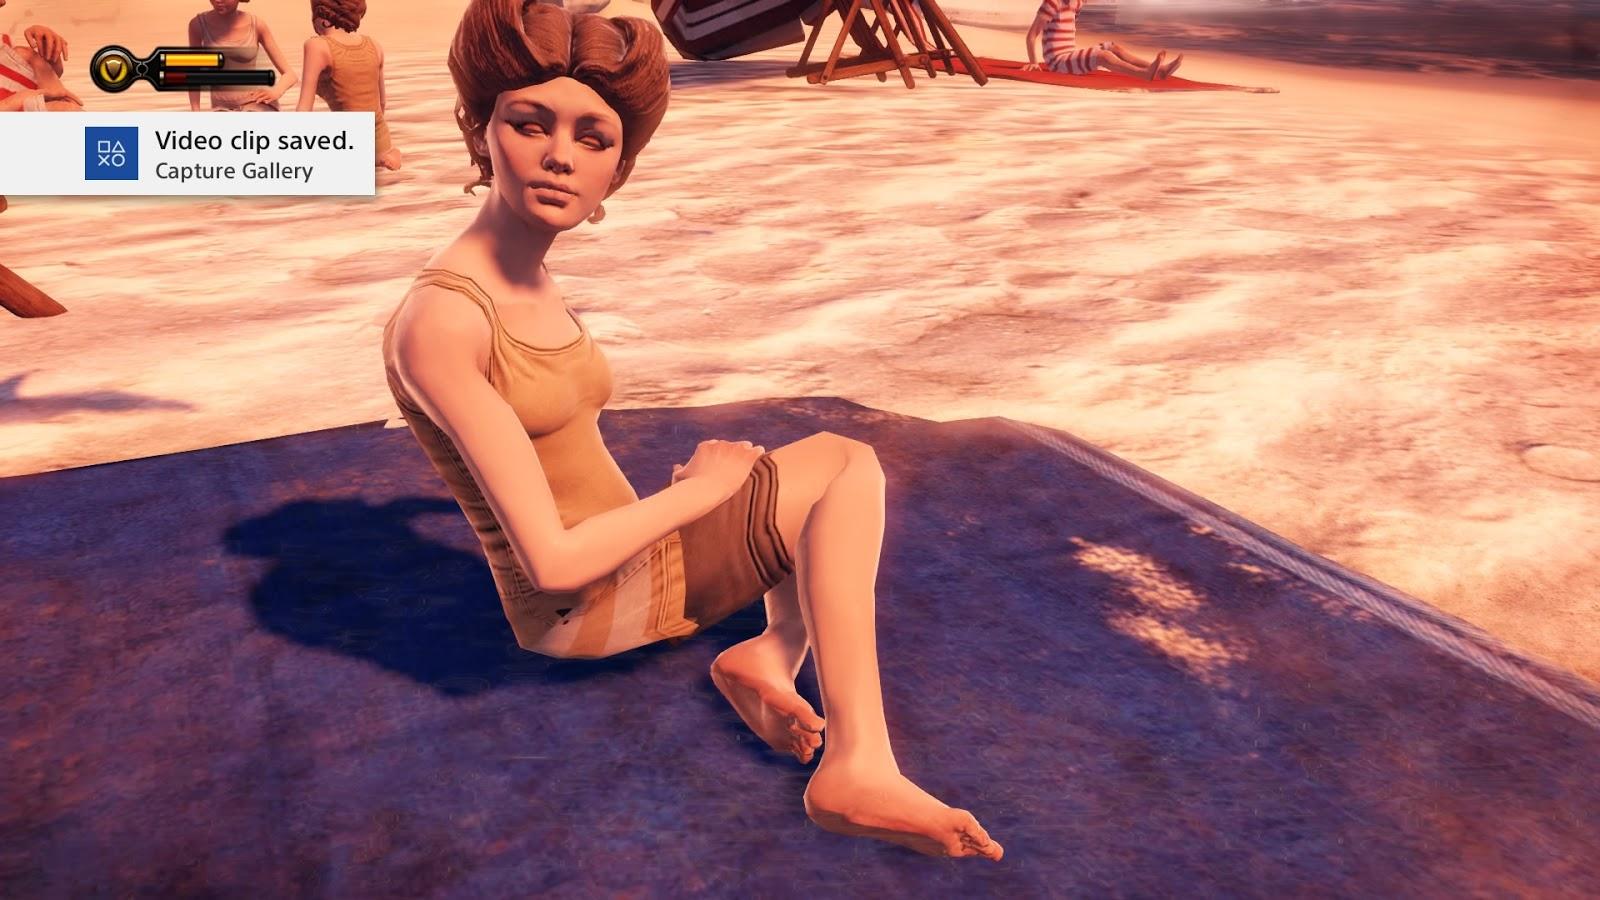 Элизабет голая bioshock, Оргия с Элизабет из Биошок порно мультики 13 фотография